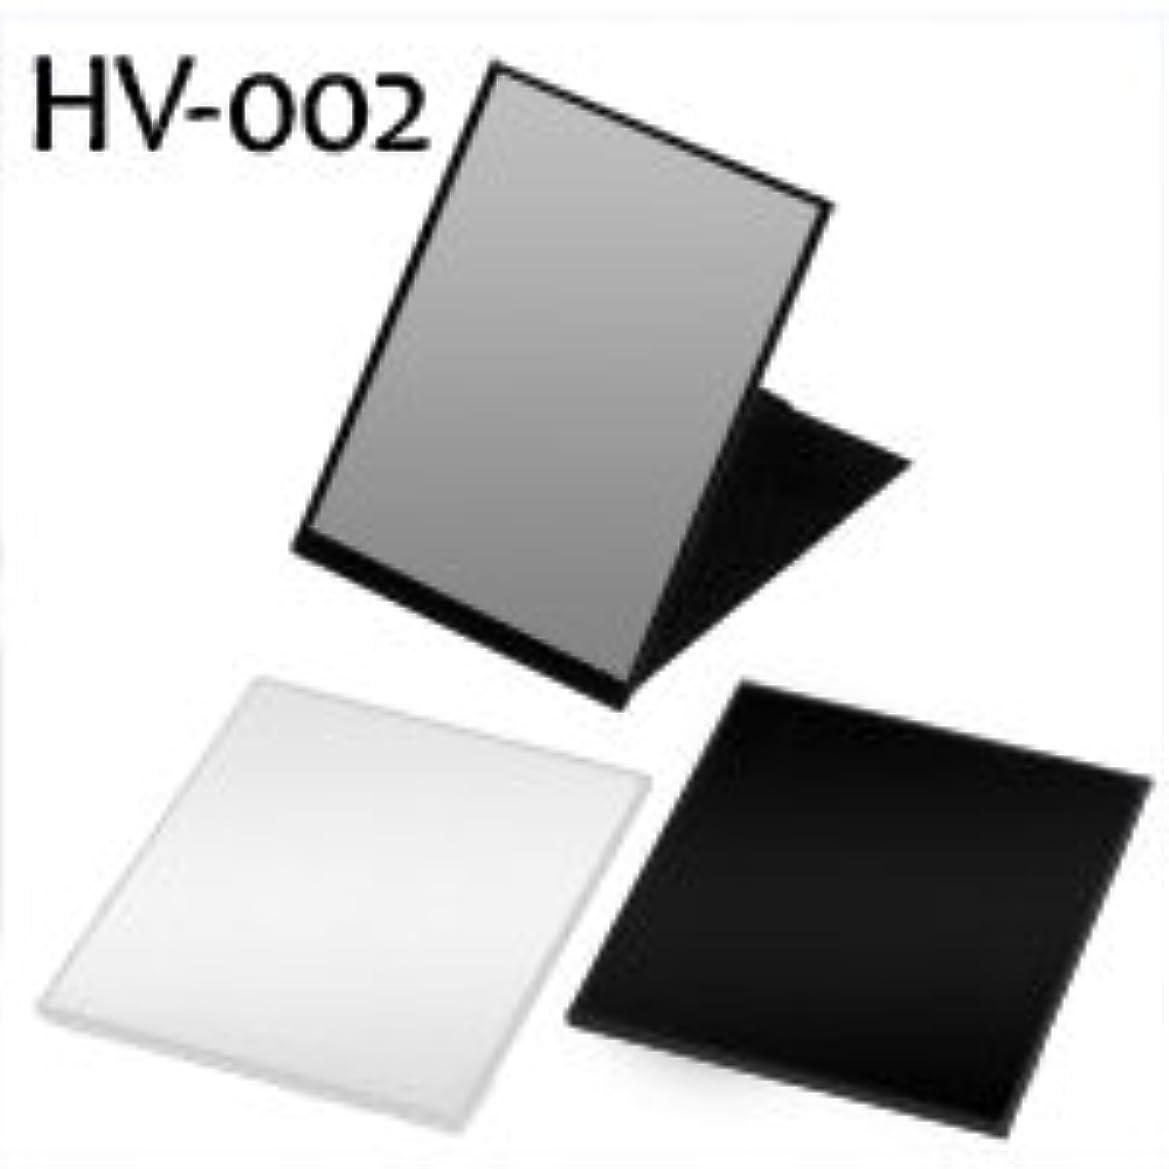 落ち込んでいるの中で考案するハイパービュースリム&ライトコンパクトミラー(L) HV-002 ホワイト